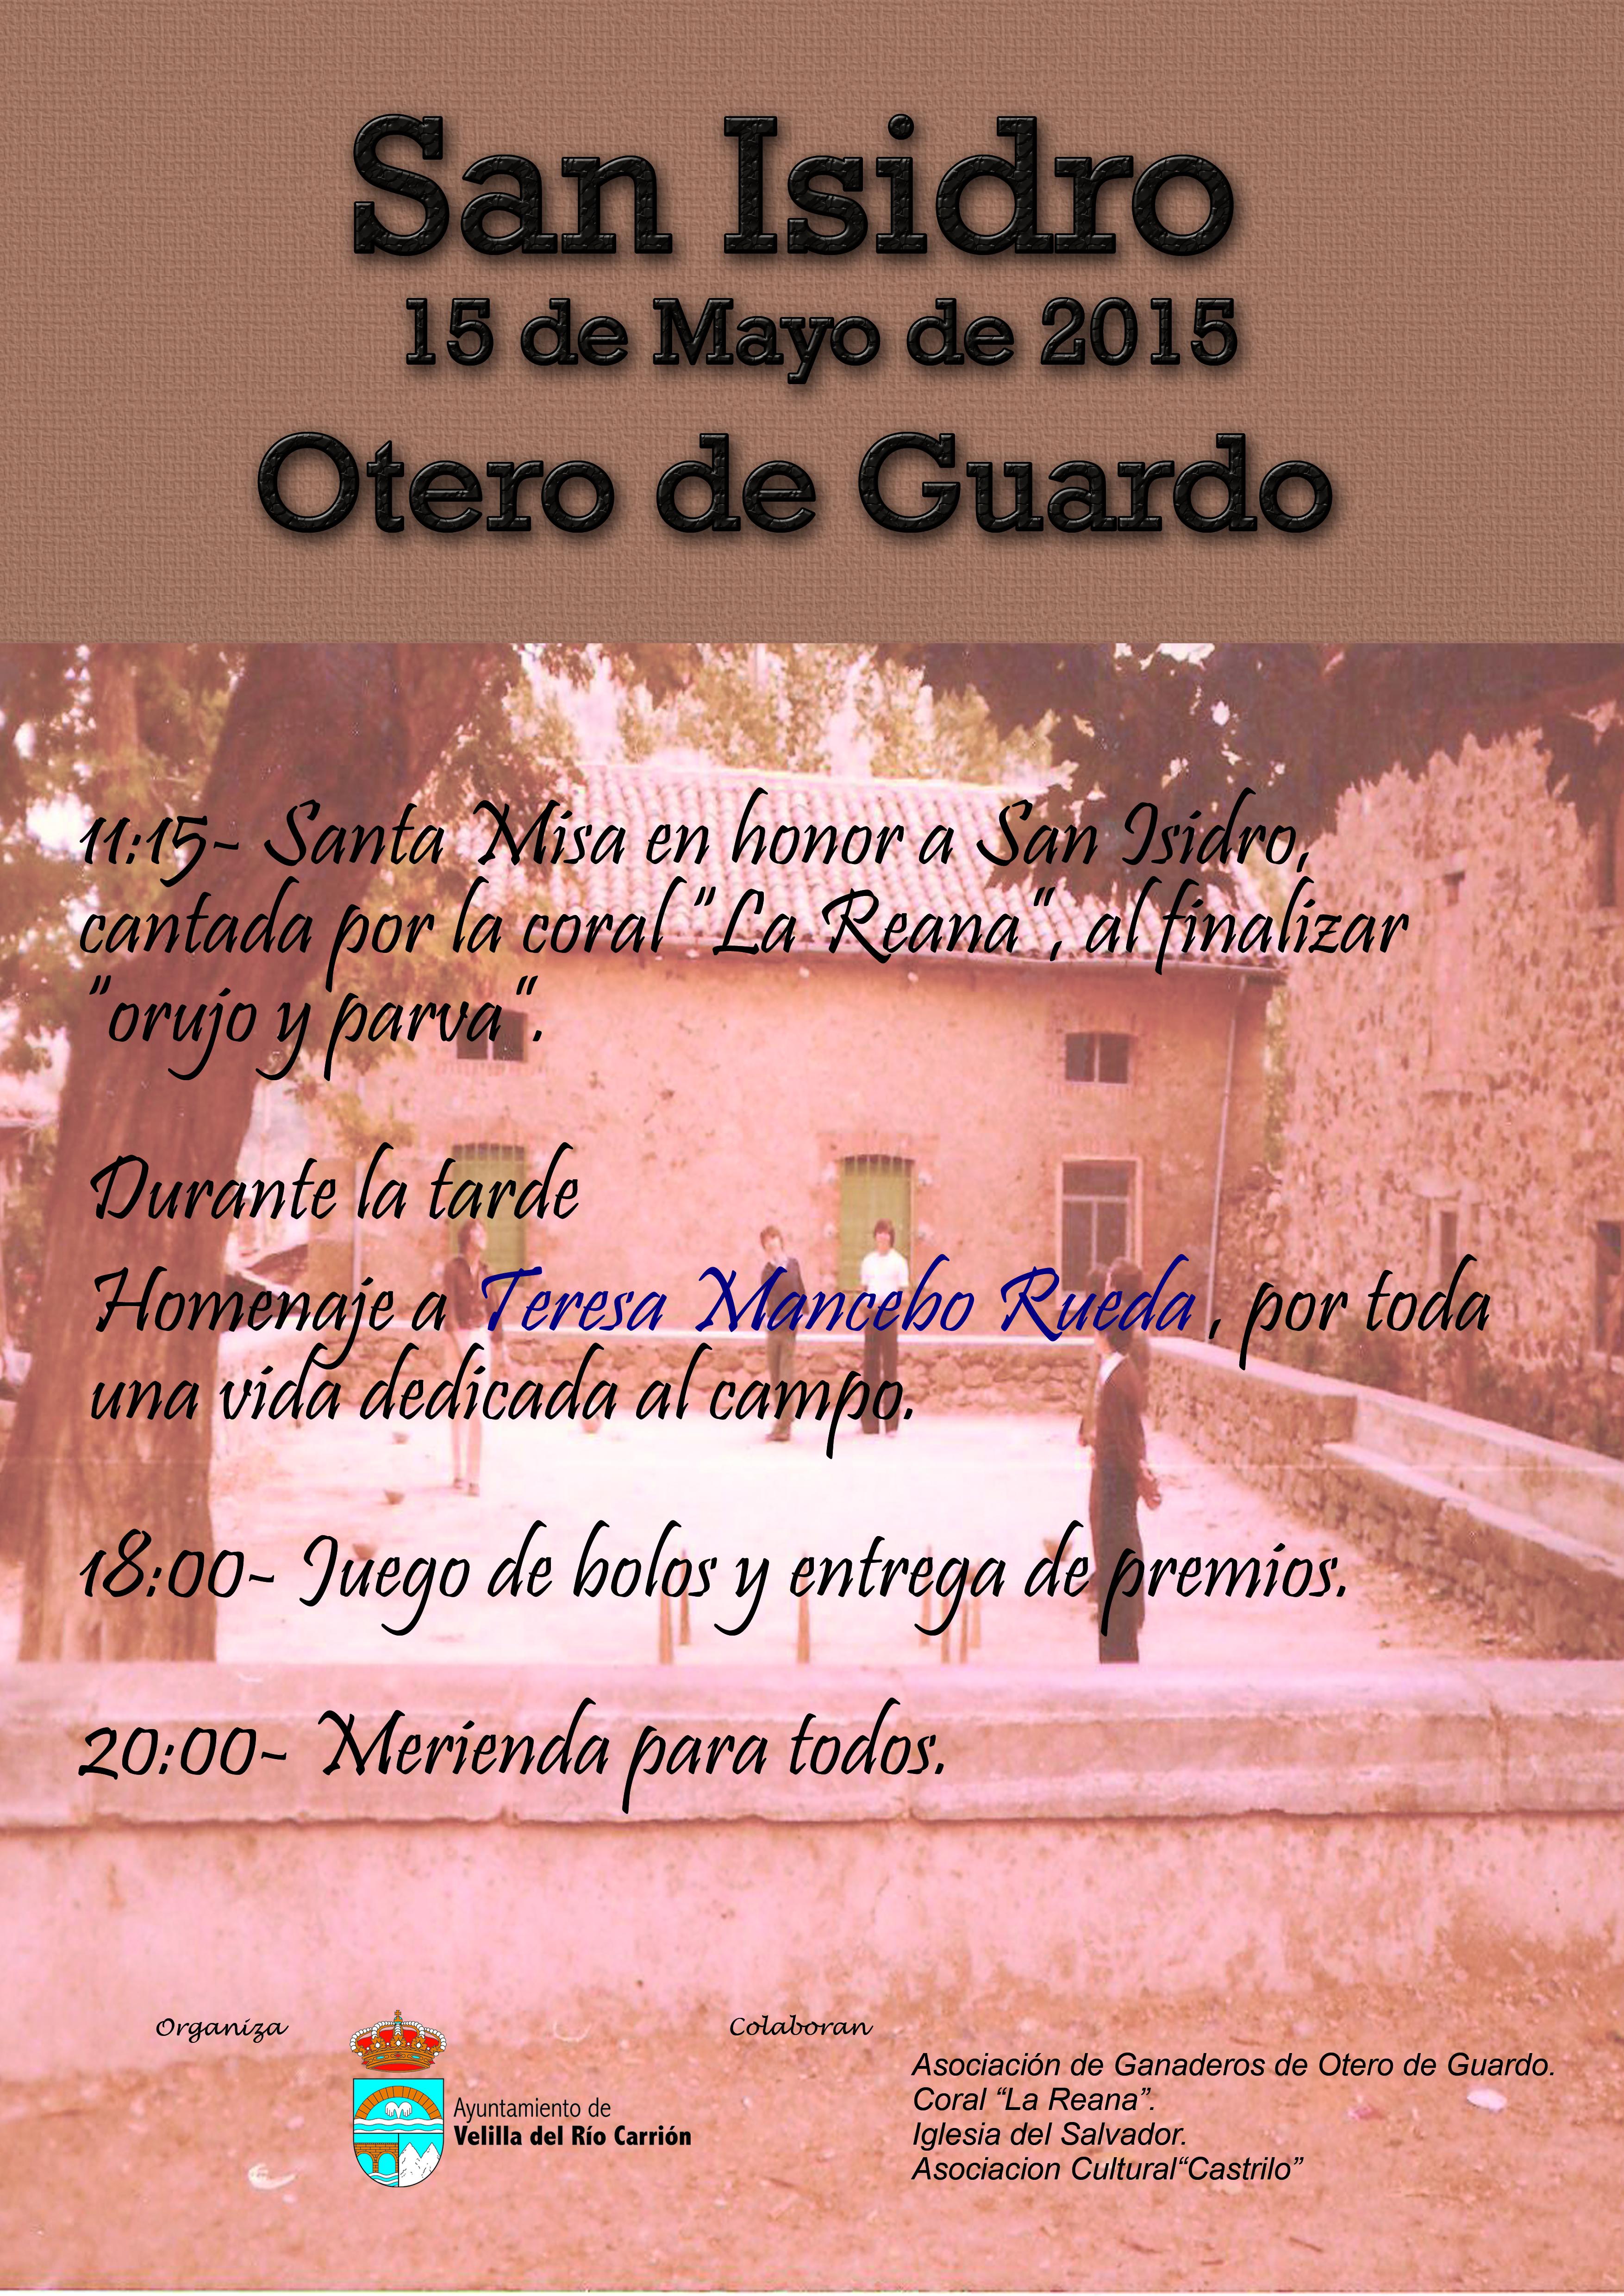 SAN ISIDRO – OTERO DE GUARDO